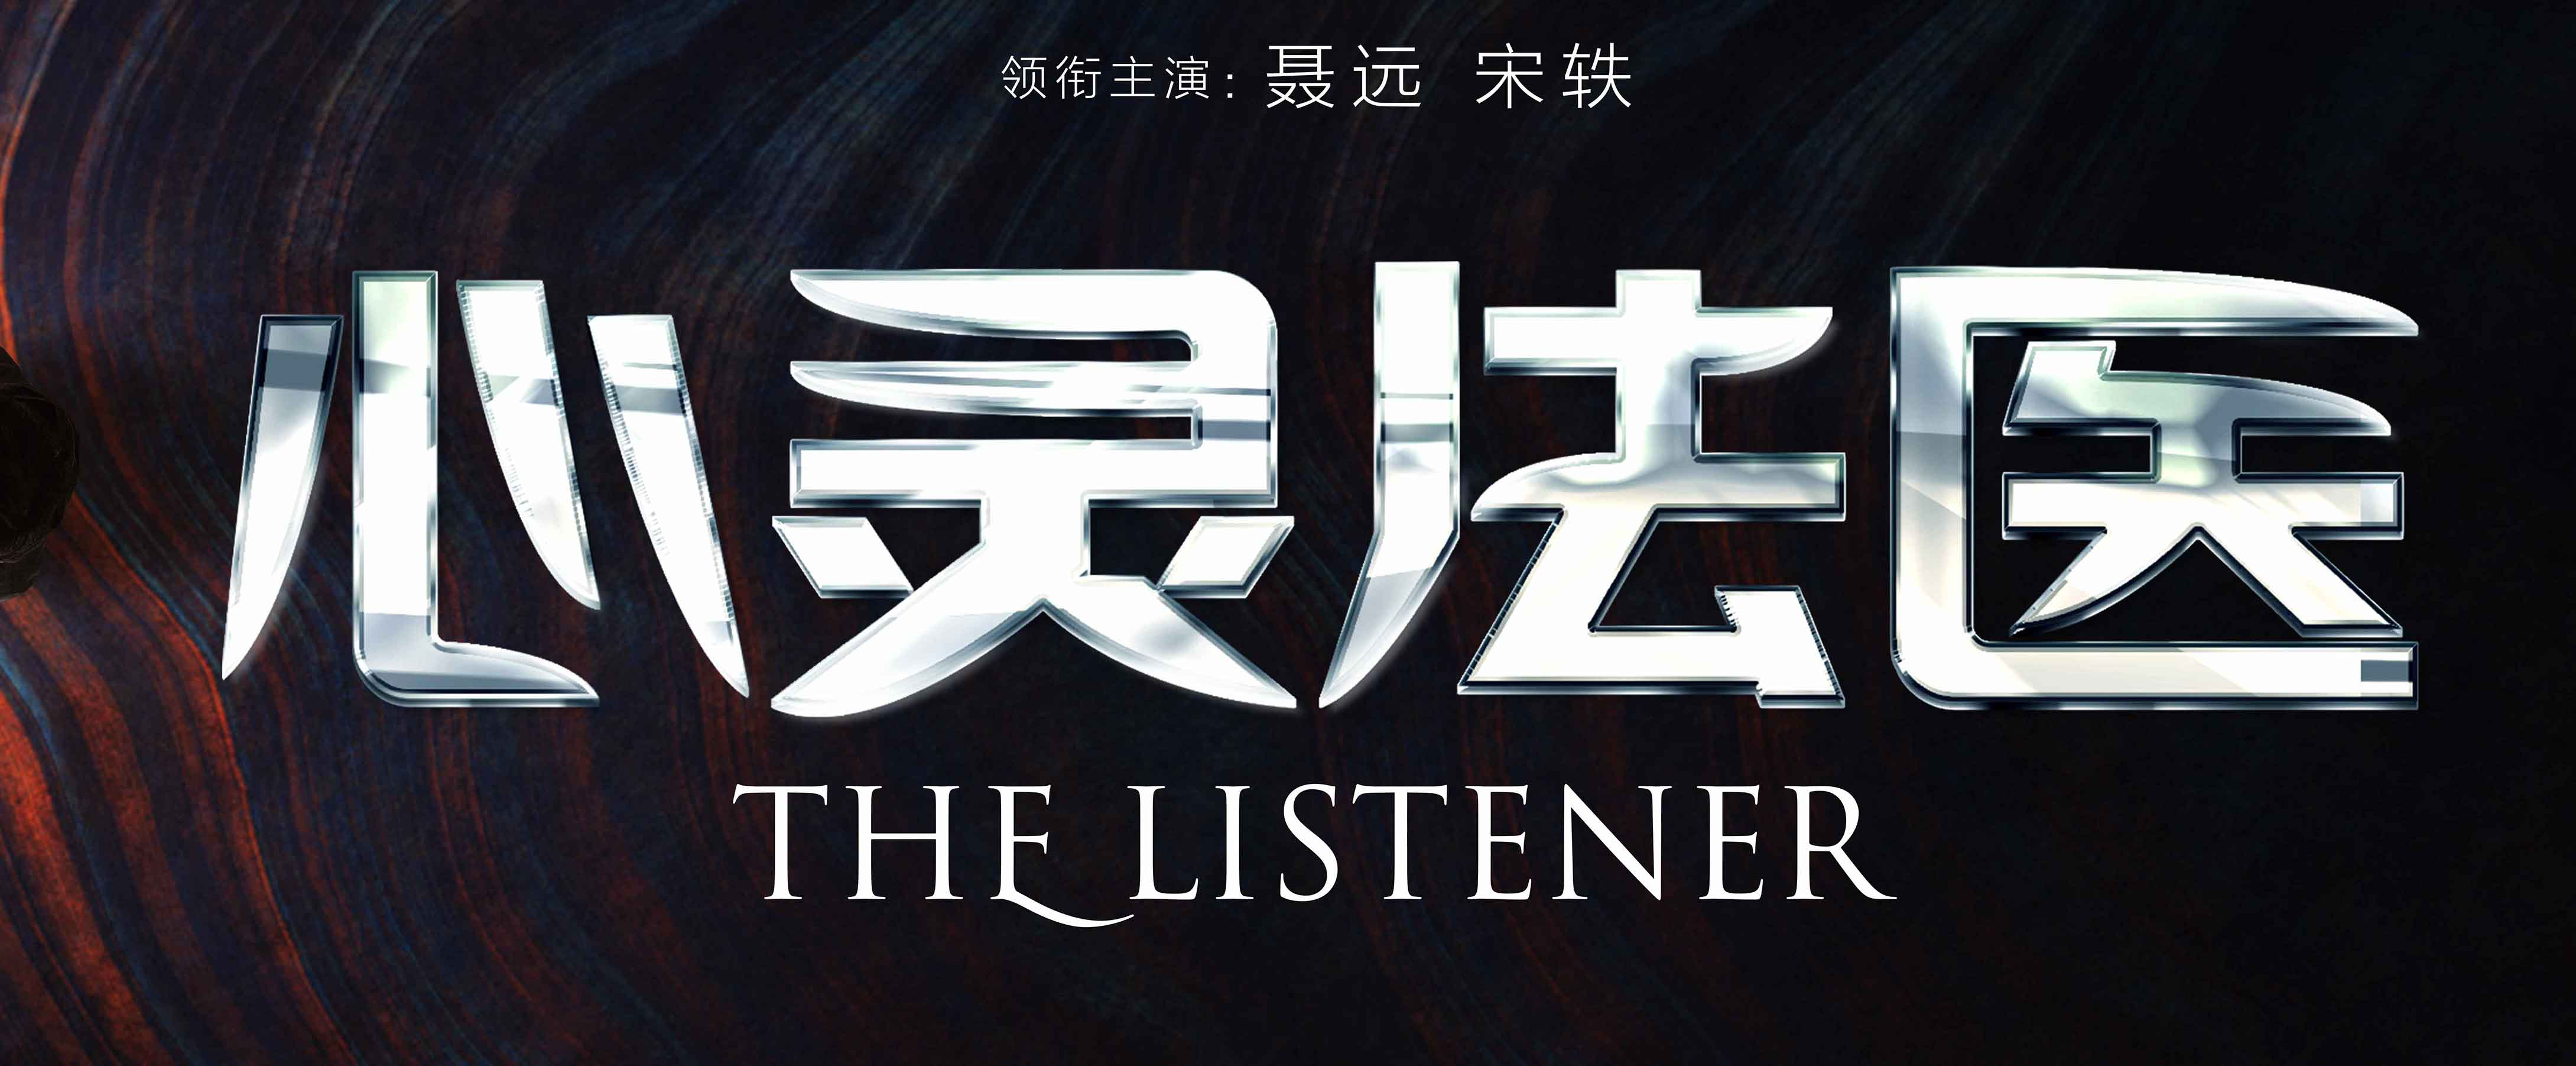 聂远宋轶首度合作爱奇艺自制大剧《心灵法医》